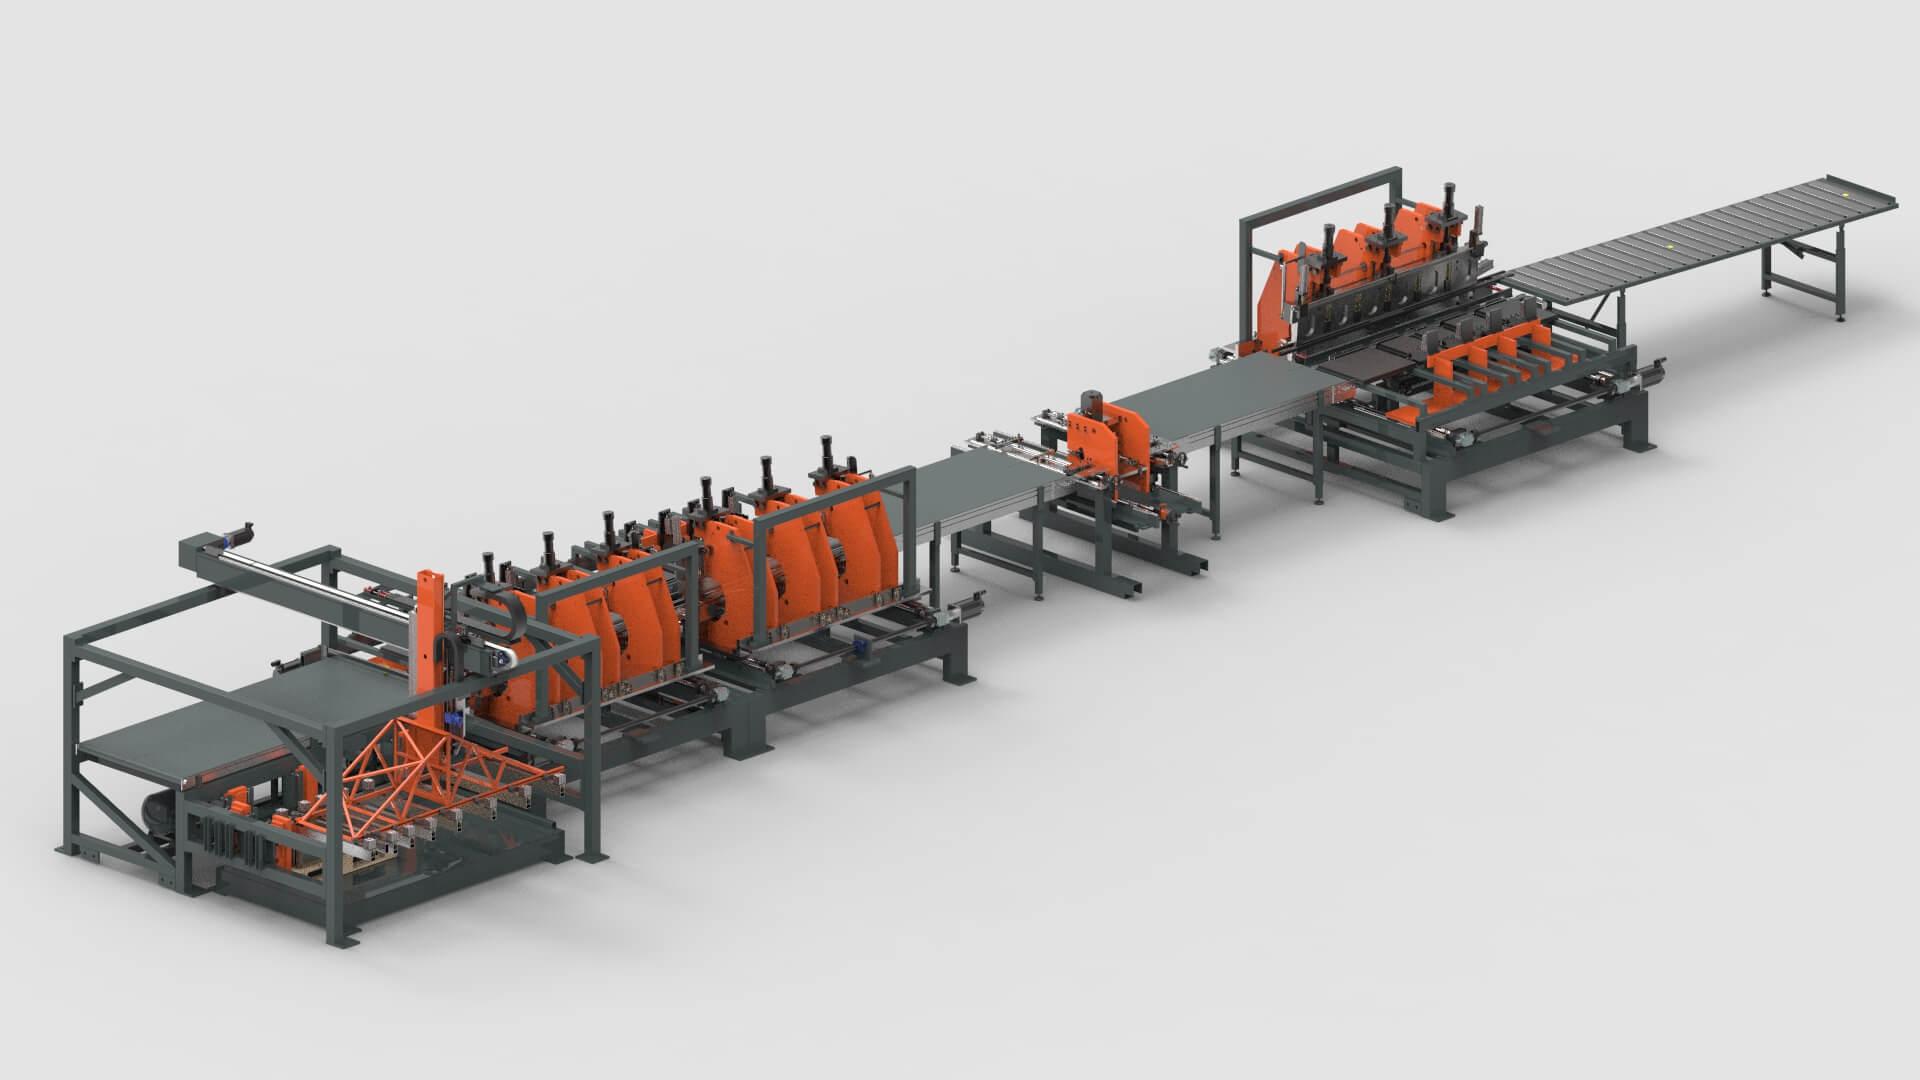 stahlzargen-blechbearbeitung-biegen-stanzen-produktionslinie.jpg